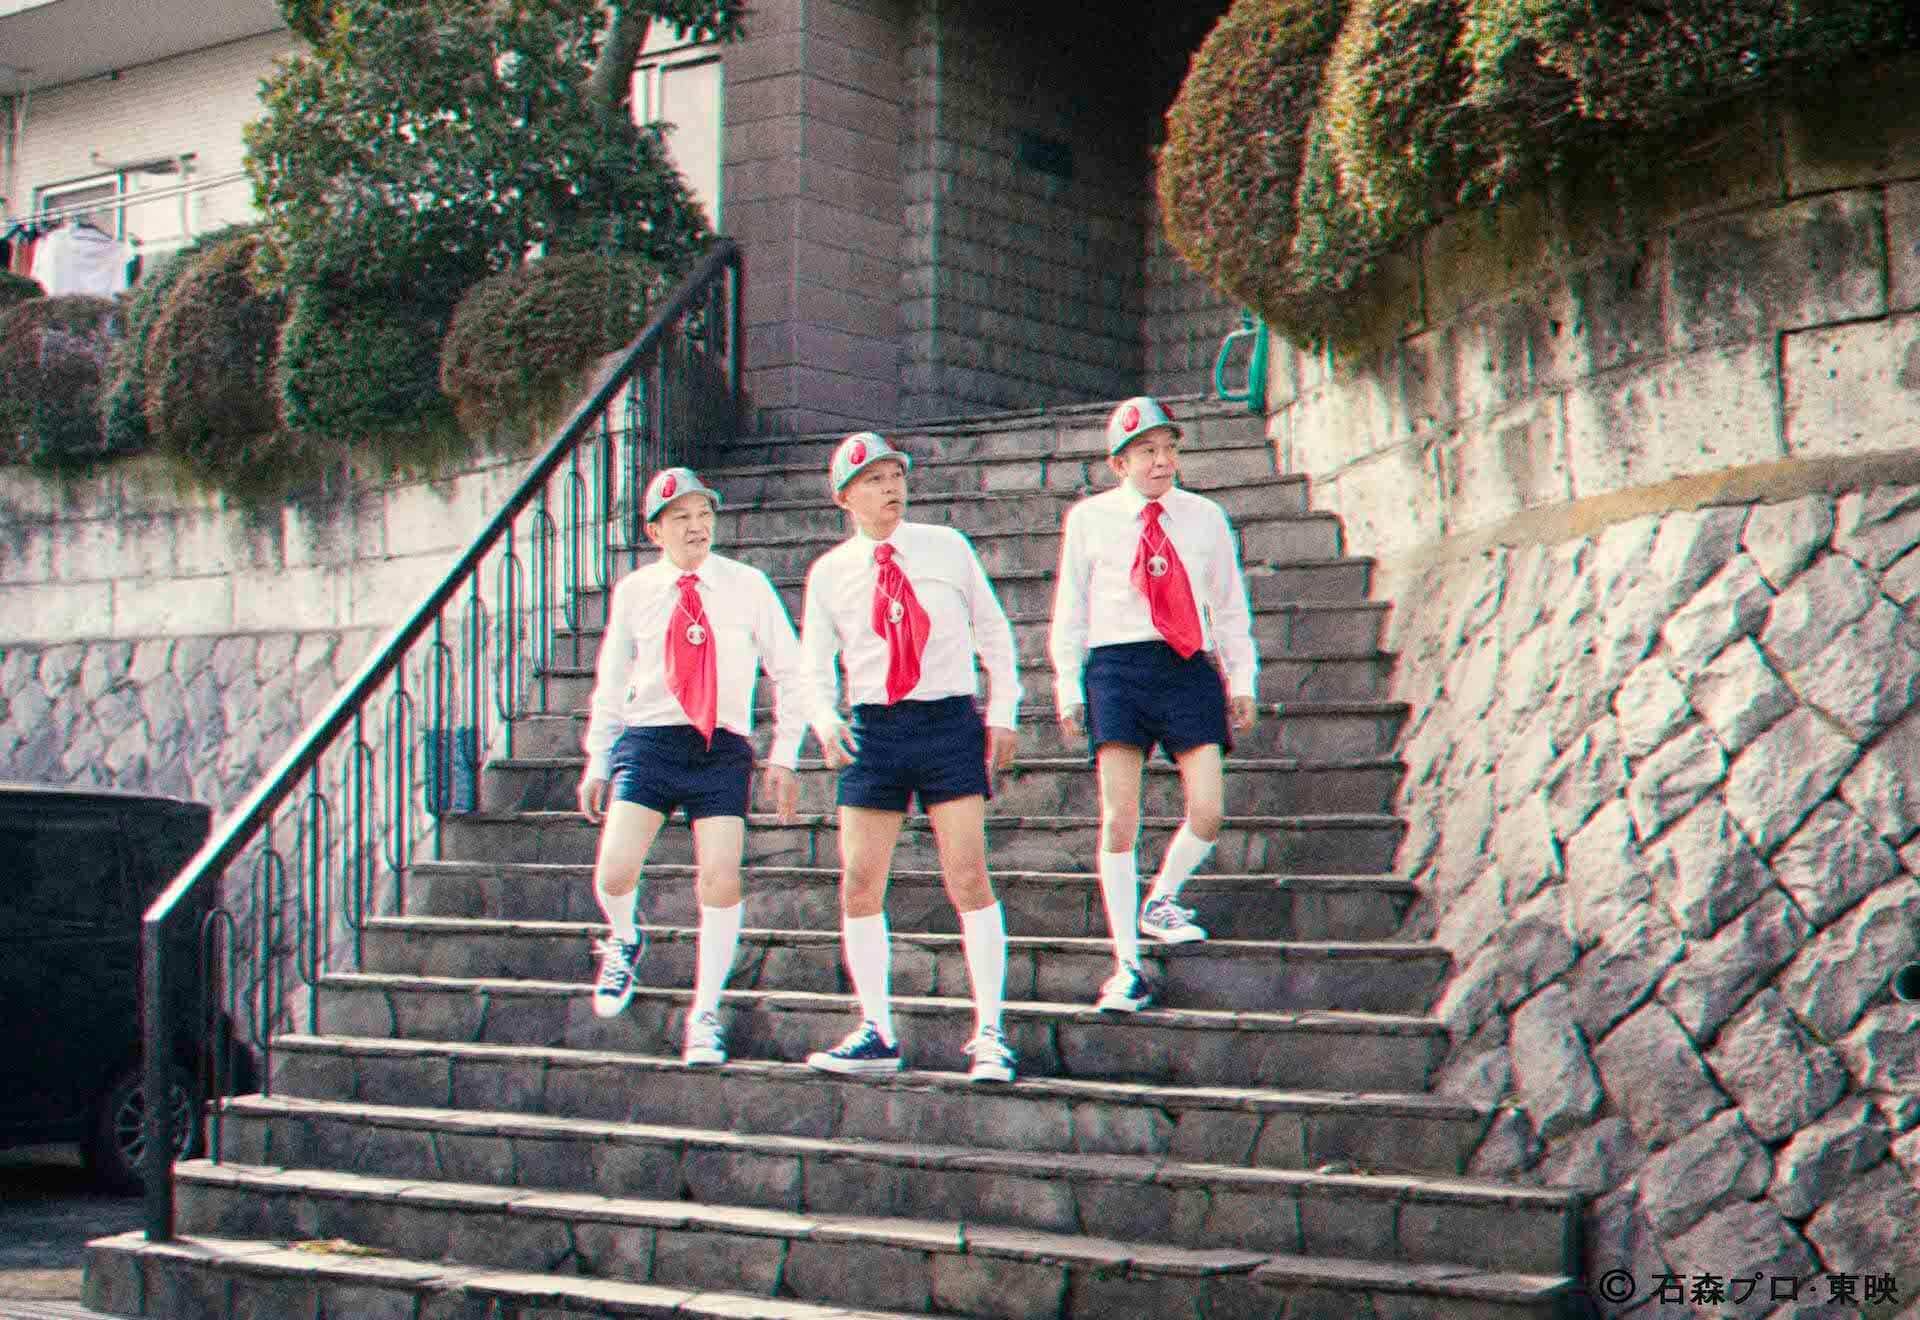 スチャダラパー、デビュー30周年の節目のフルアルバム『シン・スチャダラ大作戦』リリース決定!これまでの楽曲のアレンジ曲を収録した3種の特典CD付き music200228_sdp_1